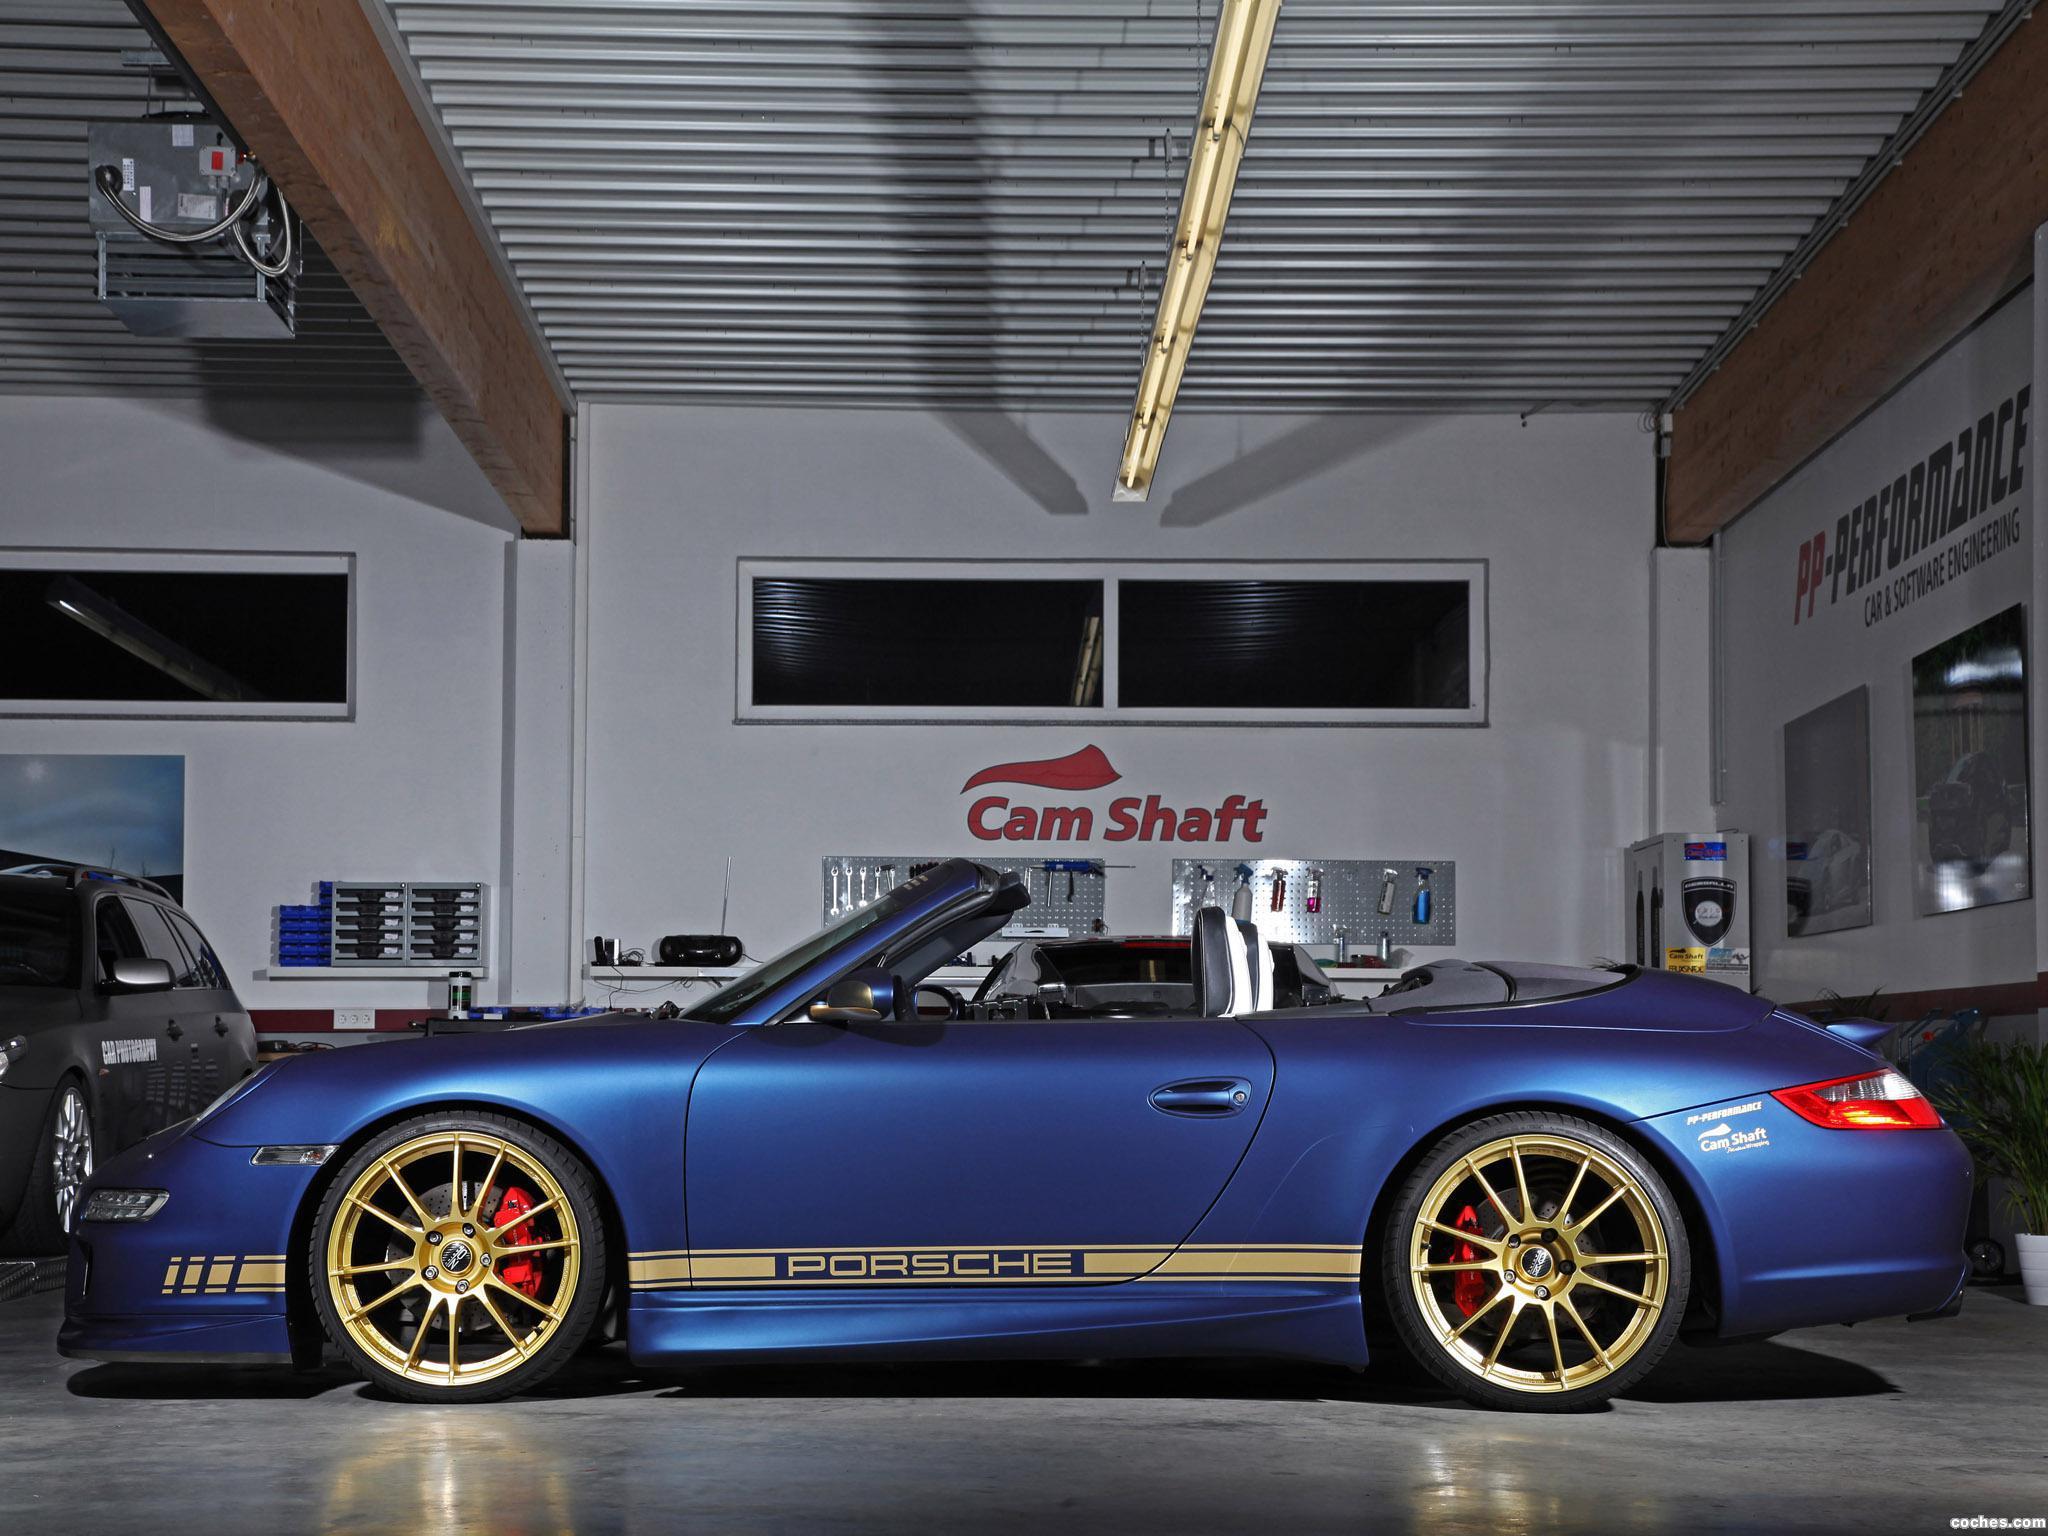 Foto 3 de Porsche Cam Shaft 911 Carrera S Cabriolet 997 2014